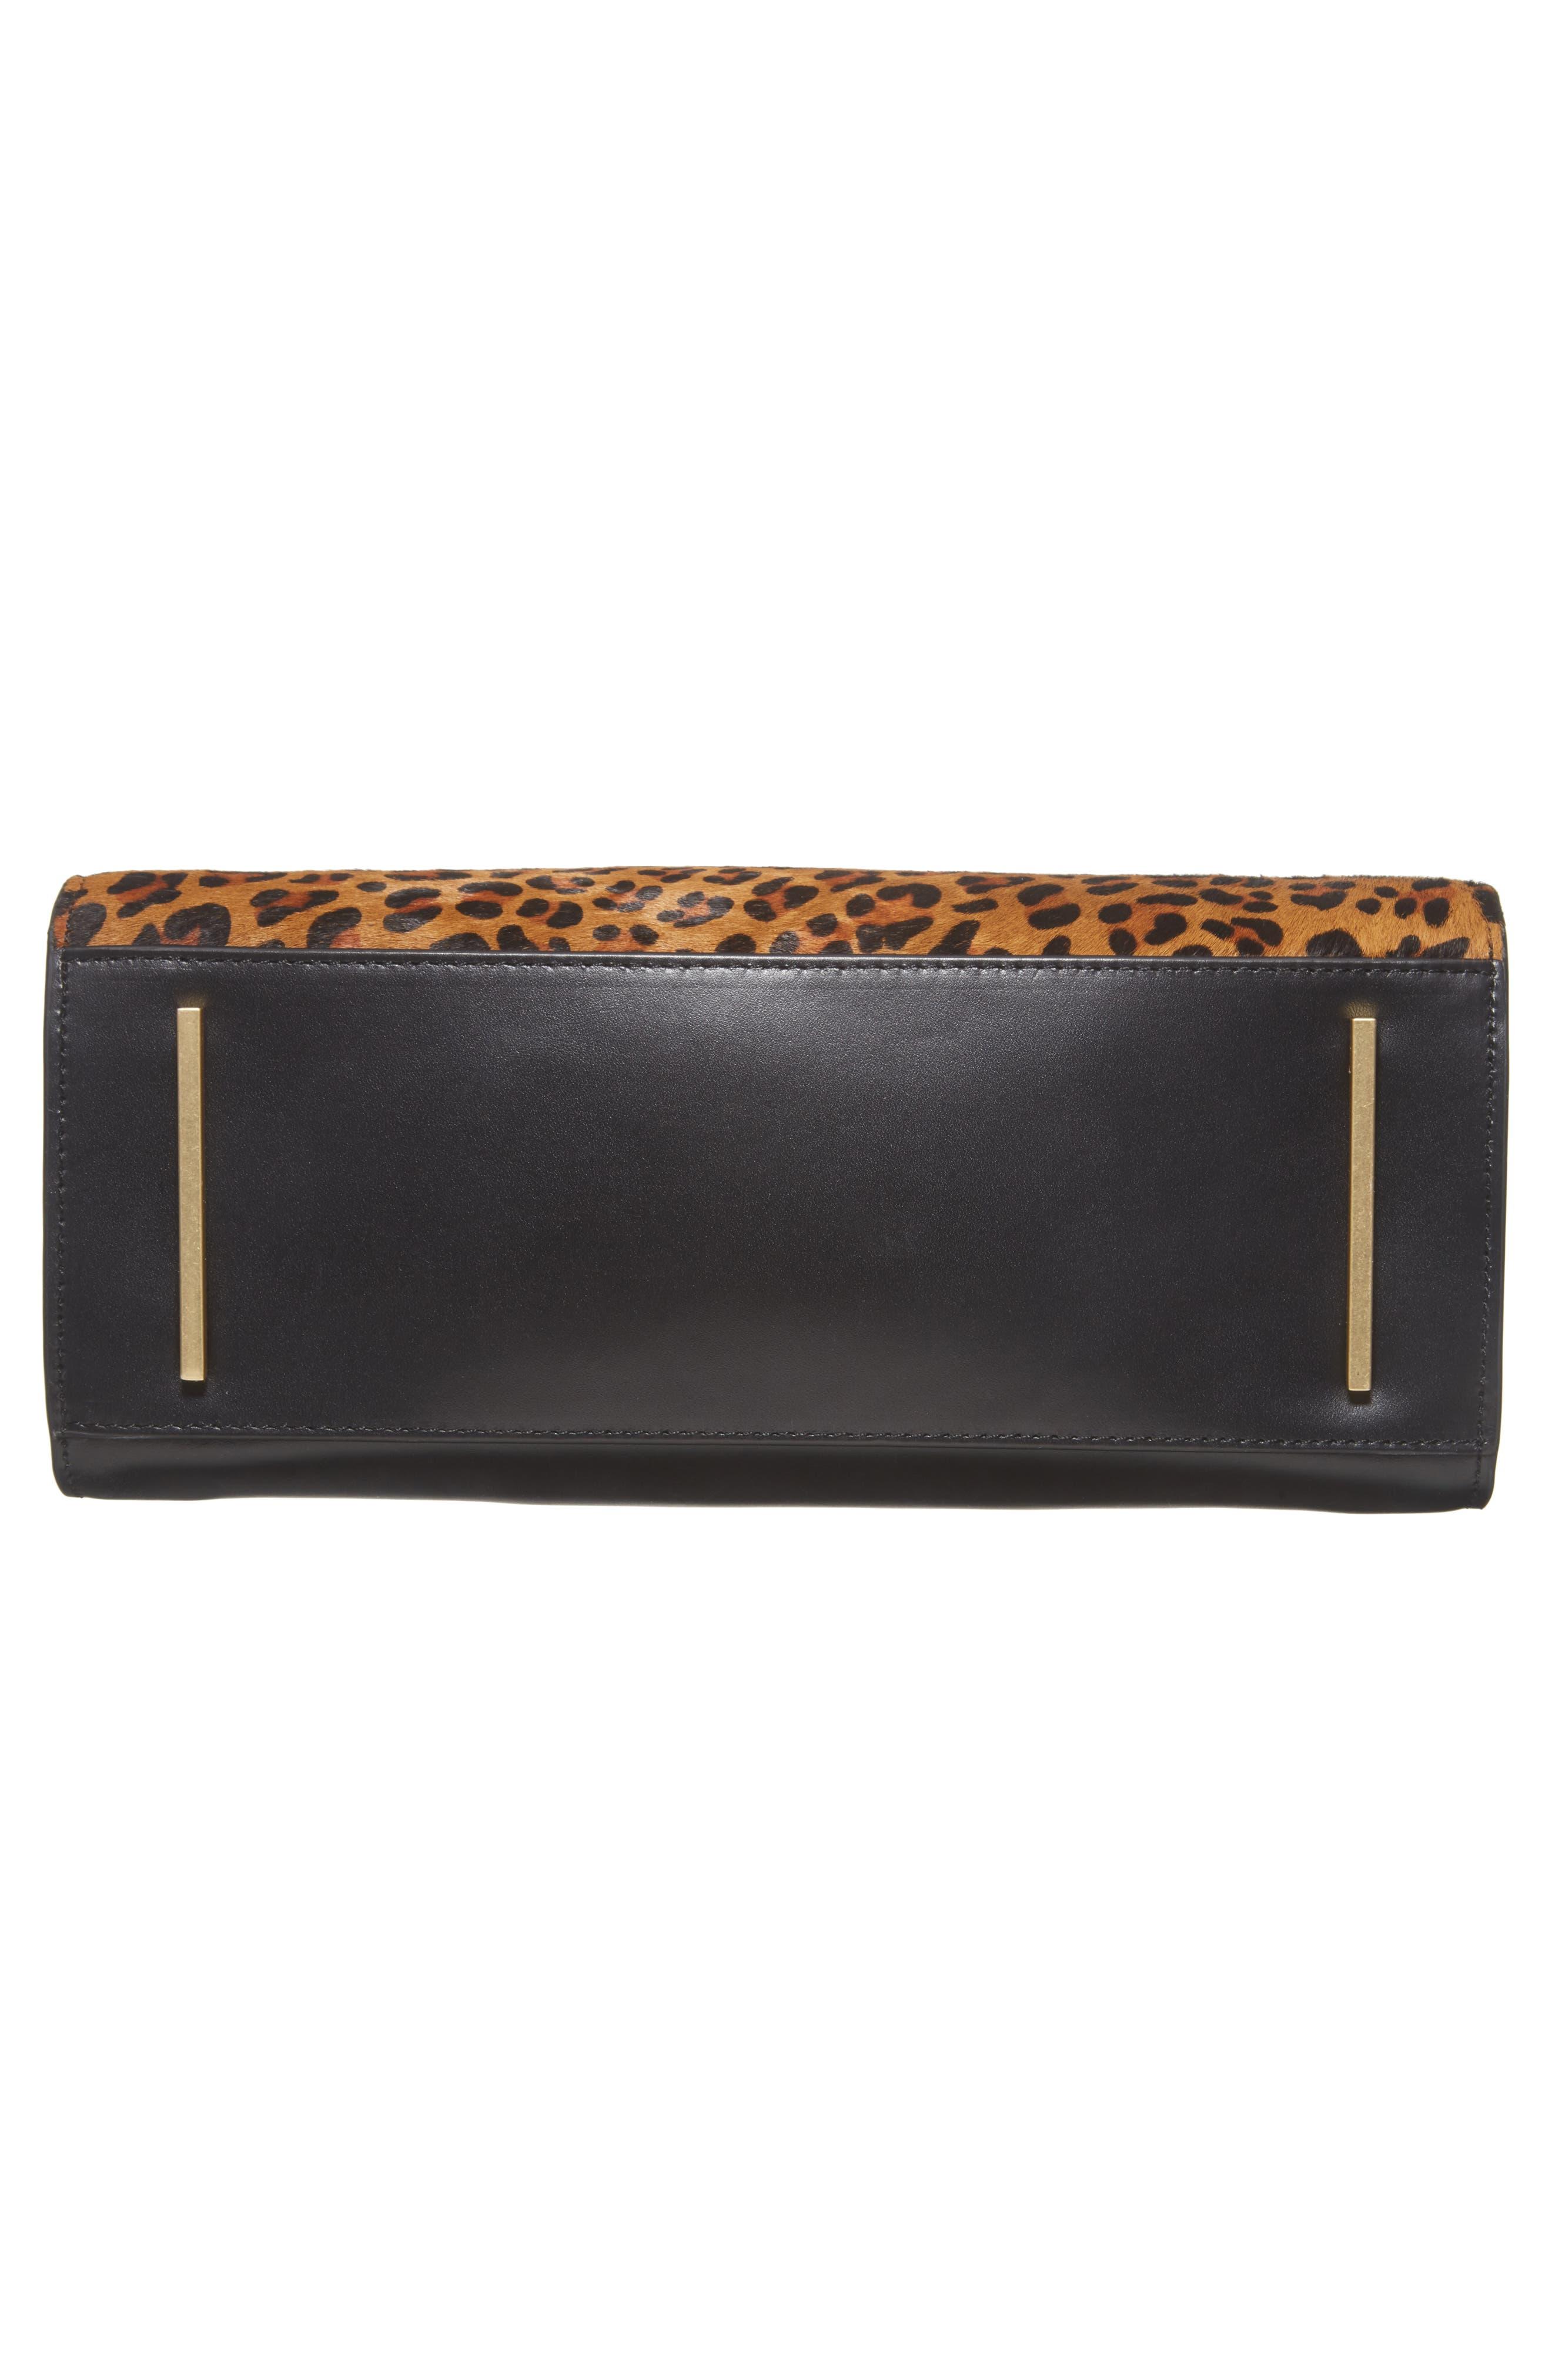 Céline Dion Leopard Print Genuine Calf Hair Octave Satchel,                             Alternate thumbnail 6, color,                             Leopard